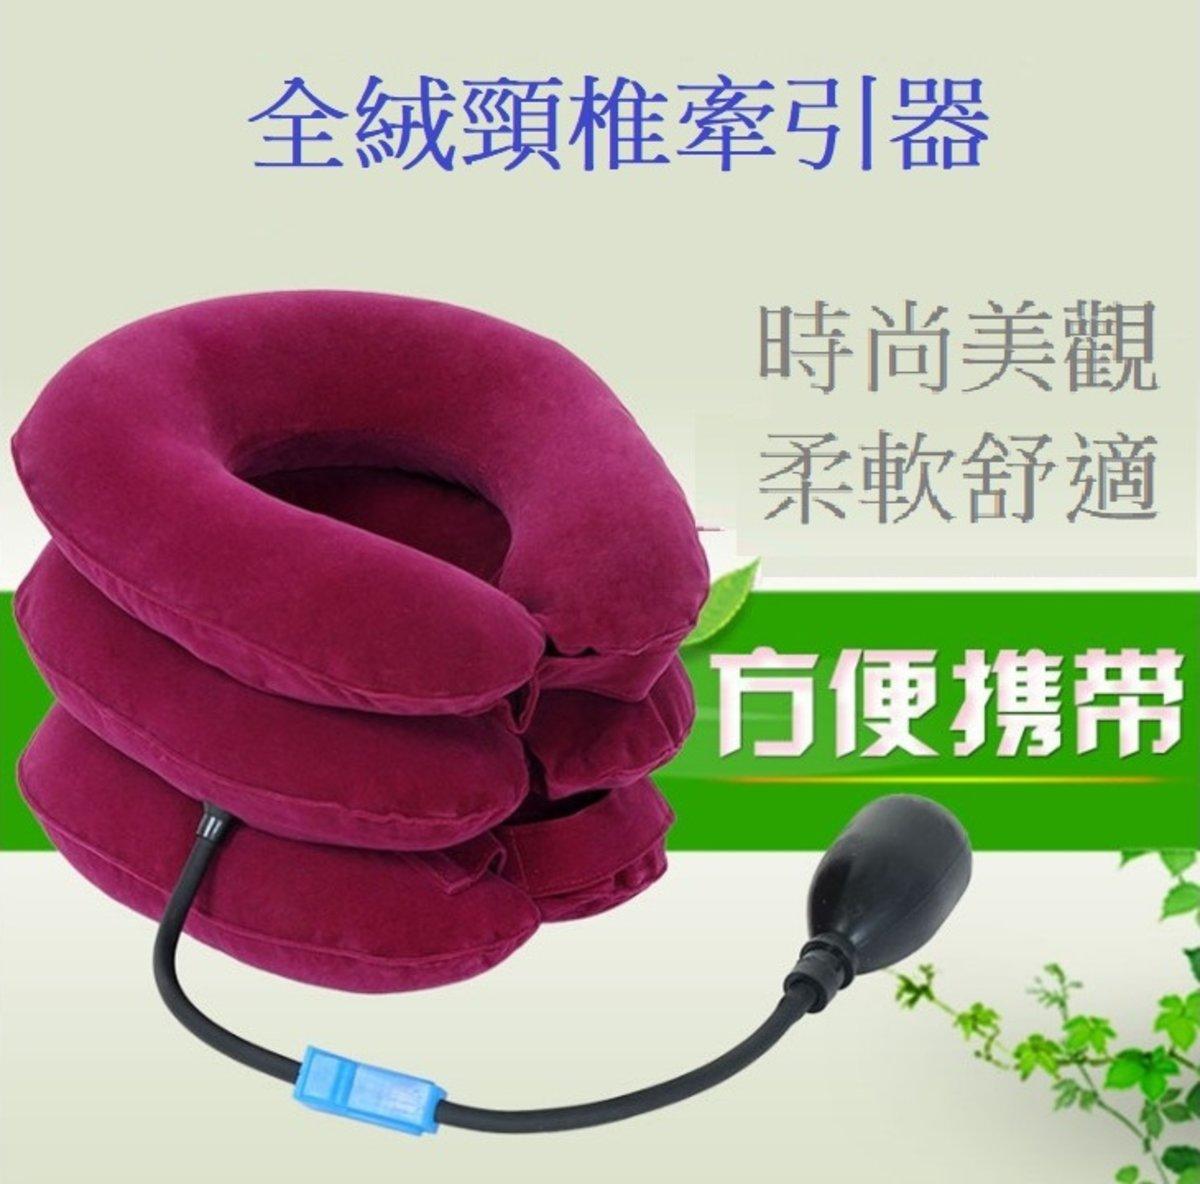 NS-B1 充氣式護頸枕 (顏色隨機)